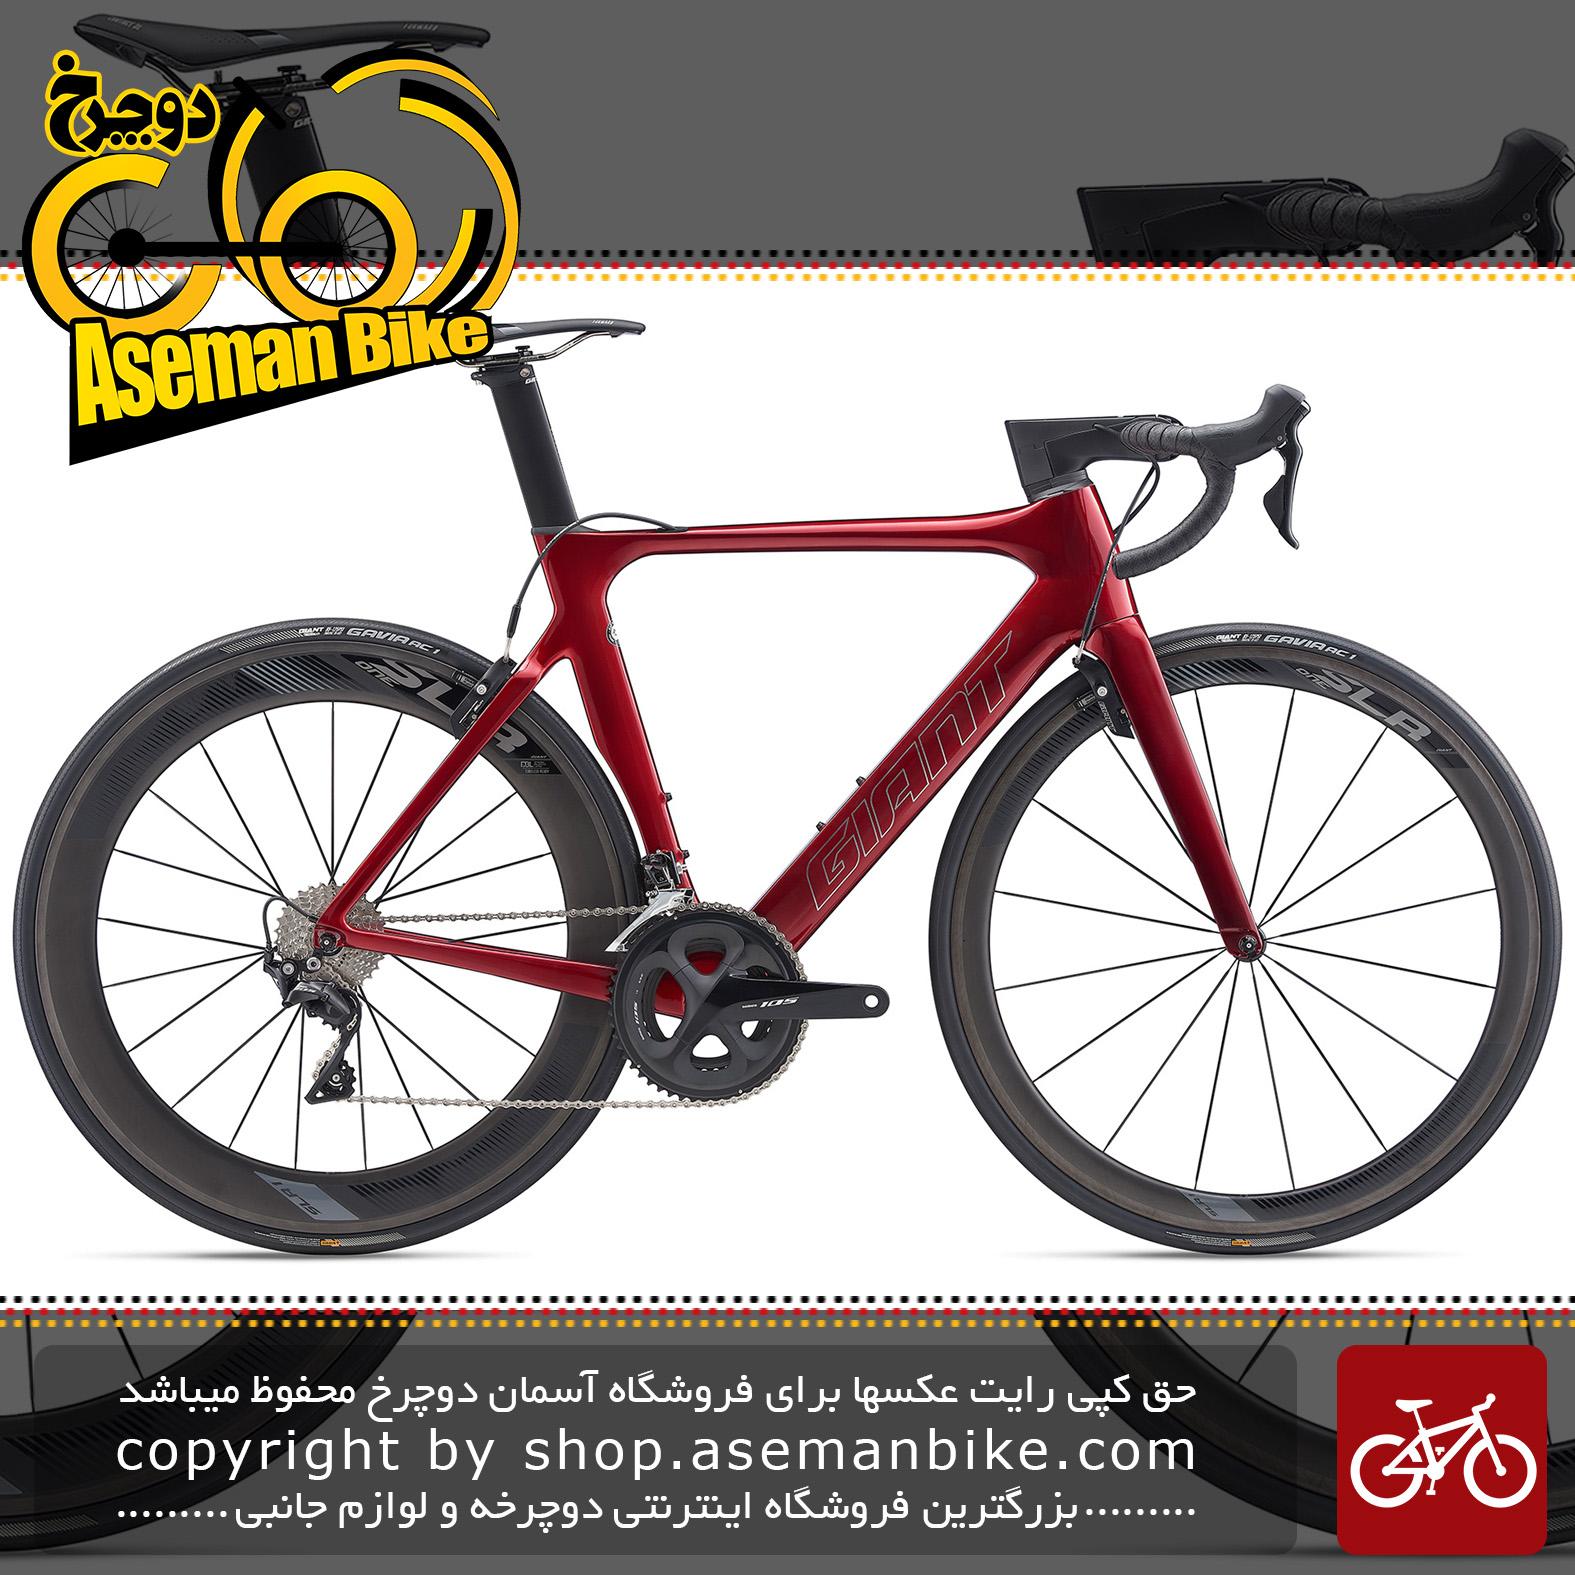 دوچرخه کورسی جاده جاینت مدل پروپل ادونس پرو 2 2020 Giant Road Bicycle Propel Advanced Pro 2 2020